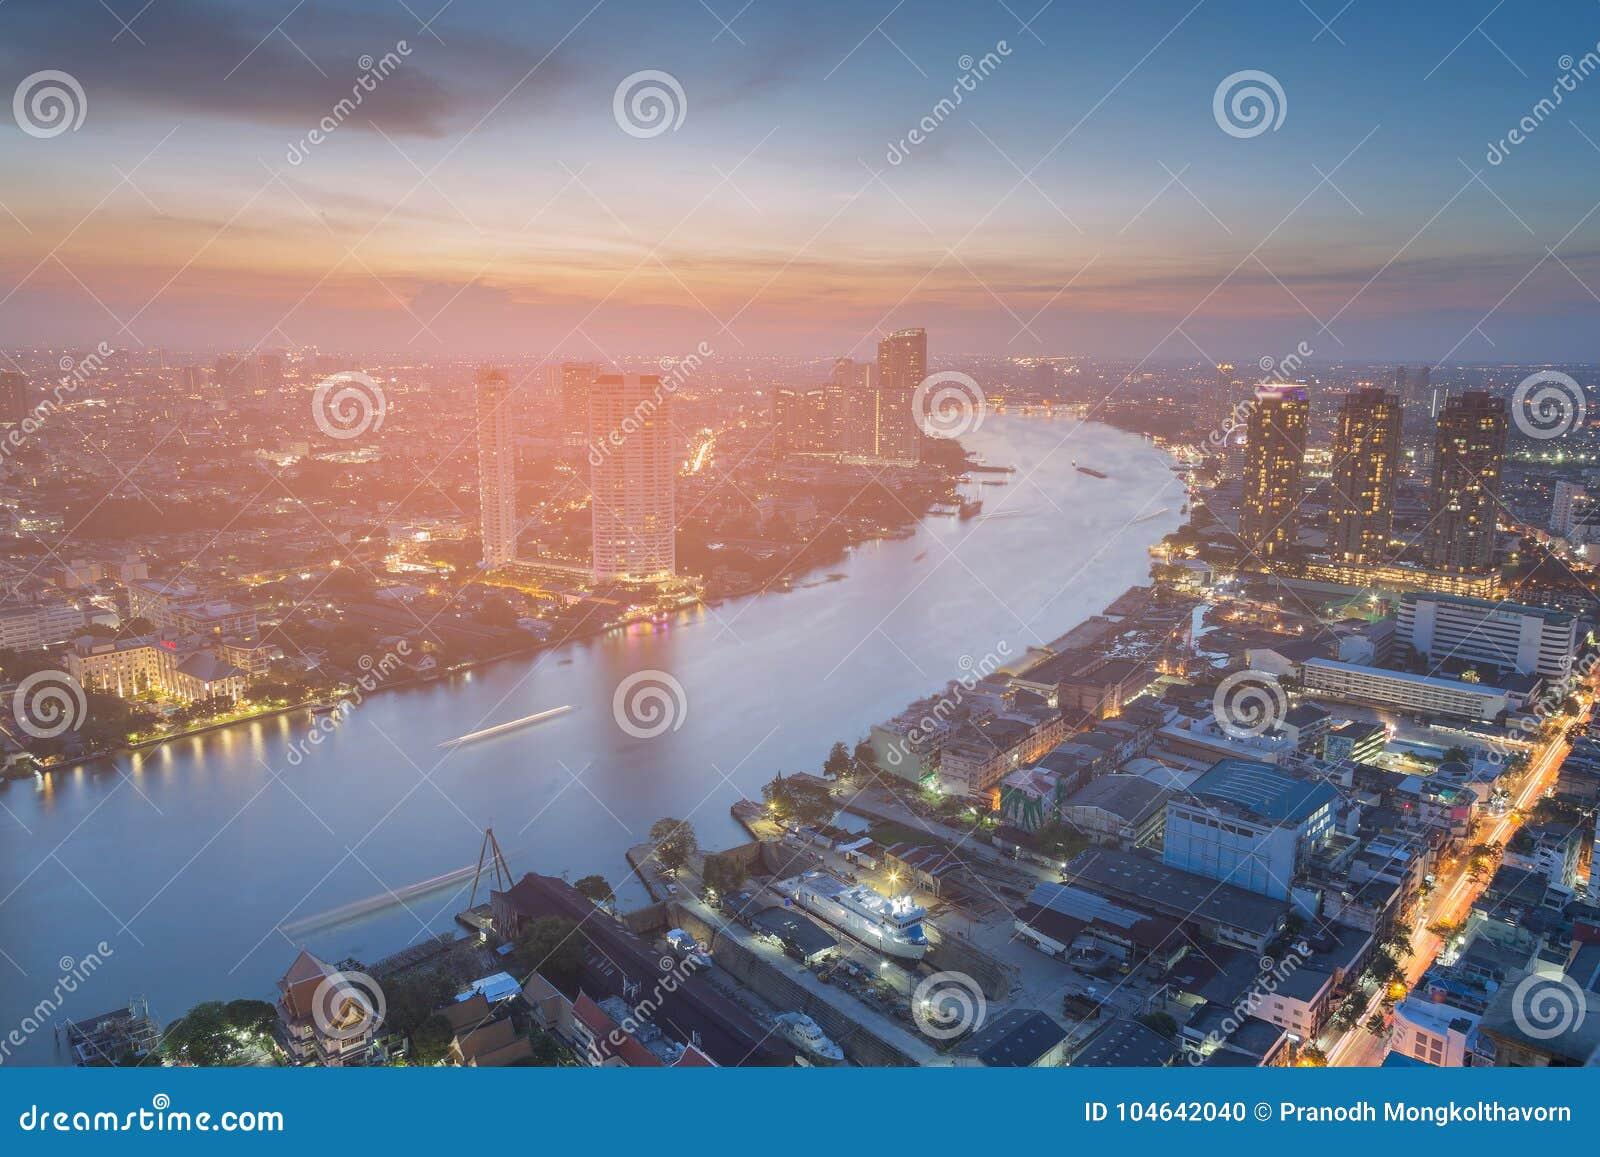 Download De De Stadsrivier Van Bangkok Boog Na Zonsondergang Stock Foto - Afbeelding bestaande uit blauw, licht: 104642040